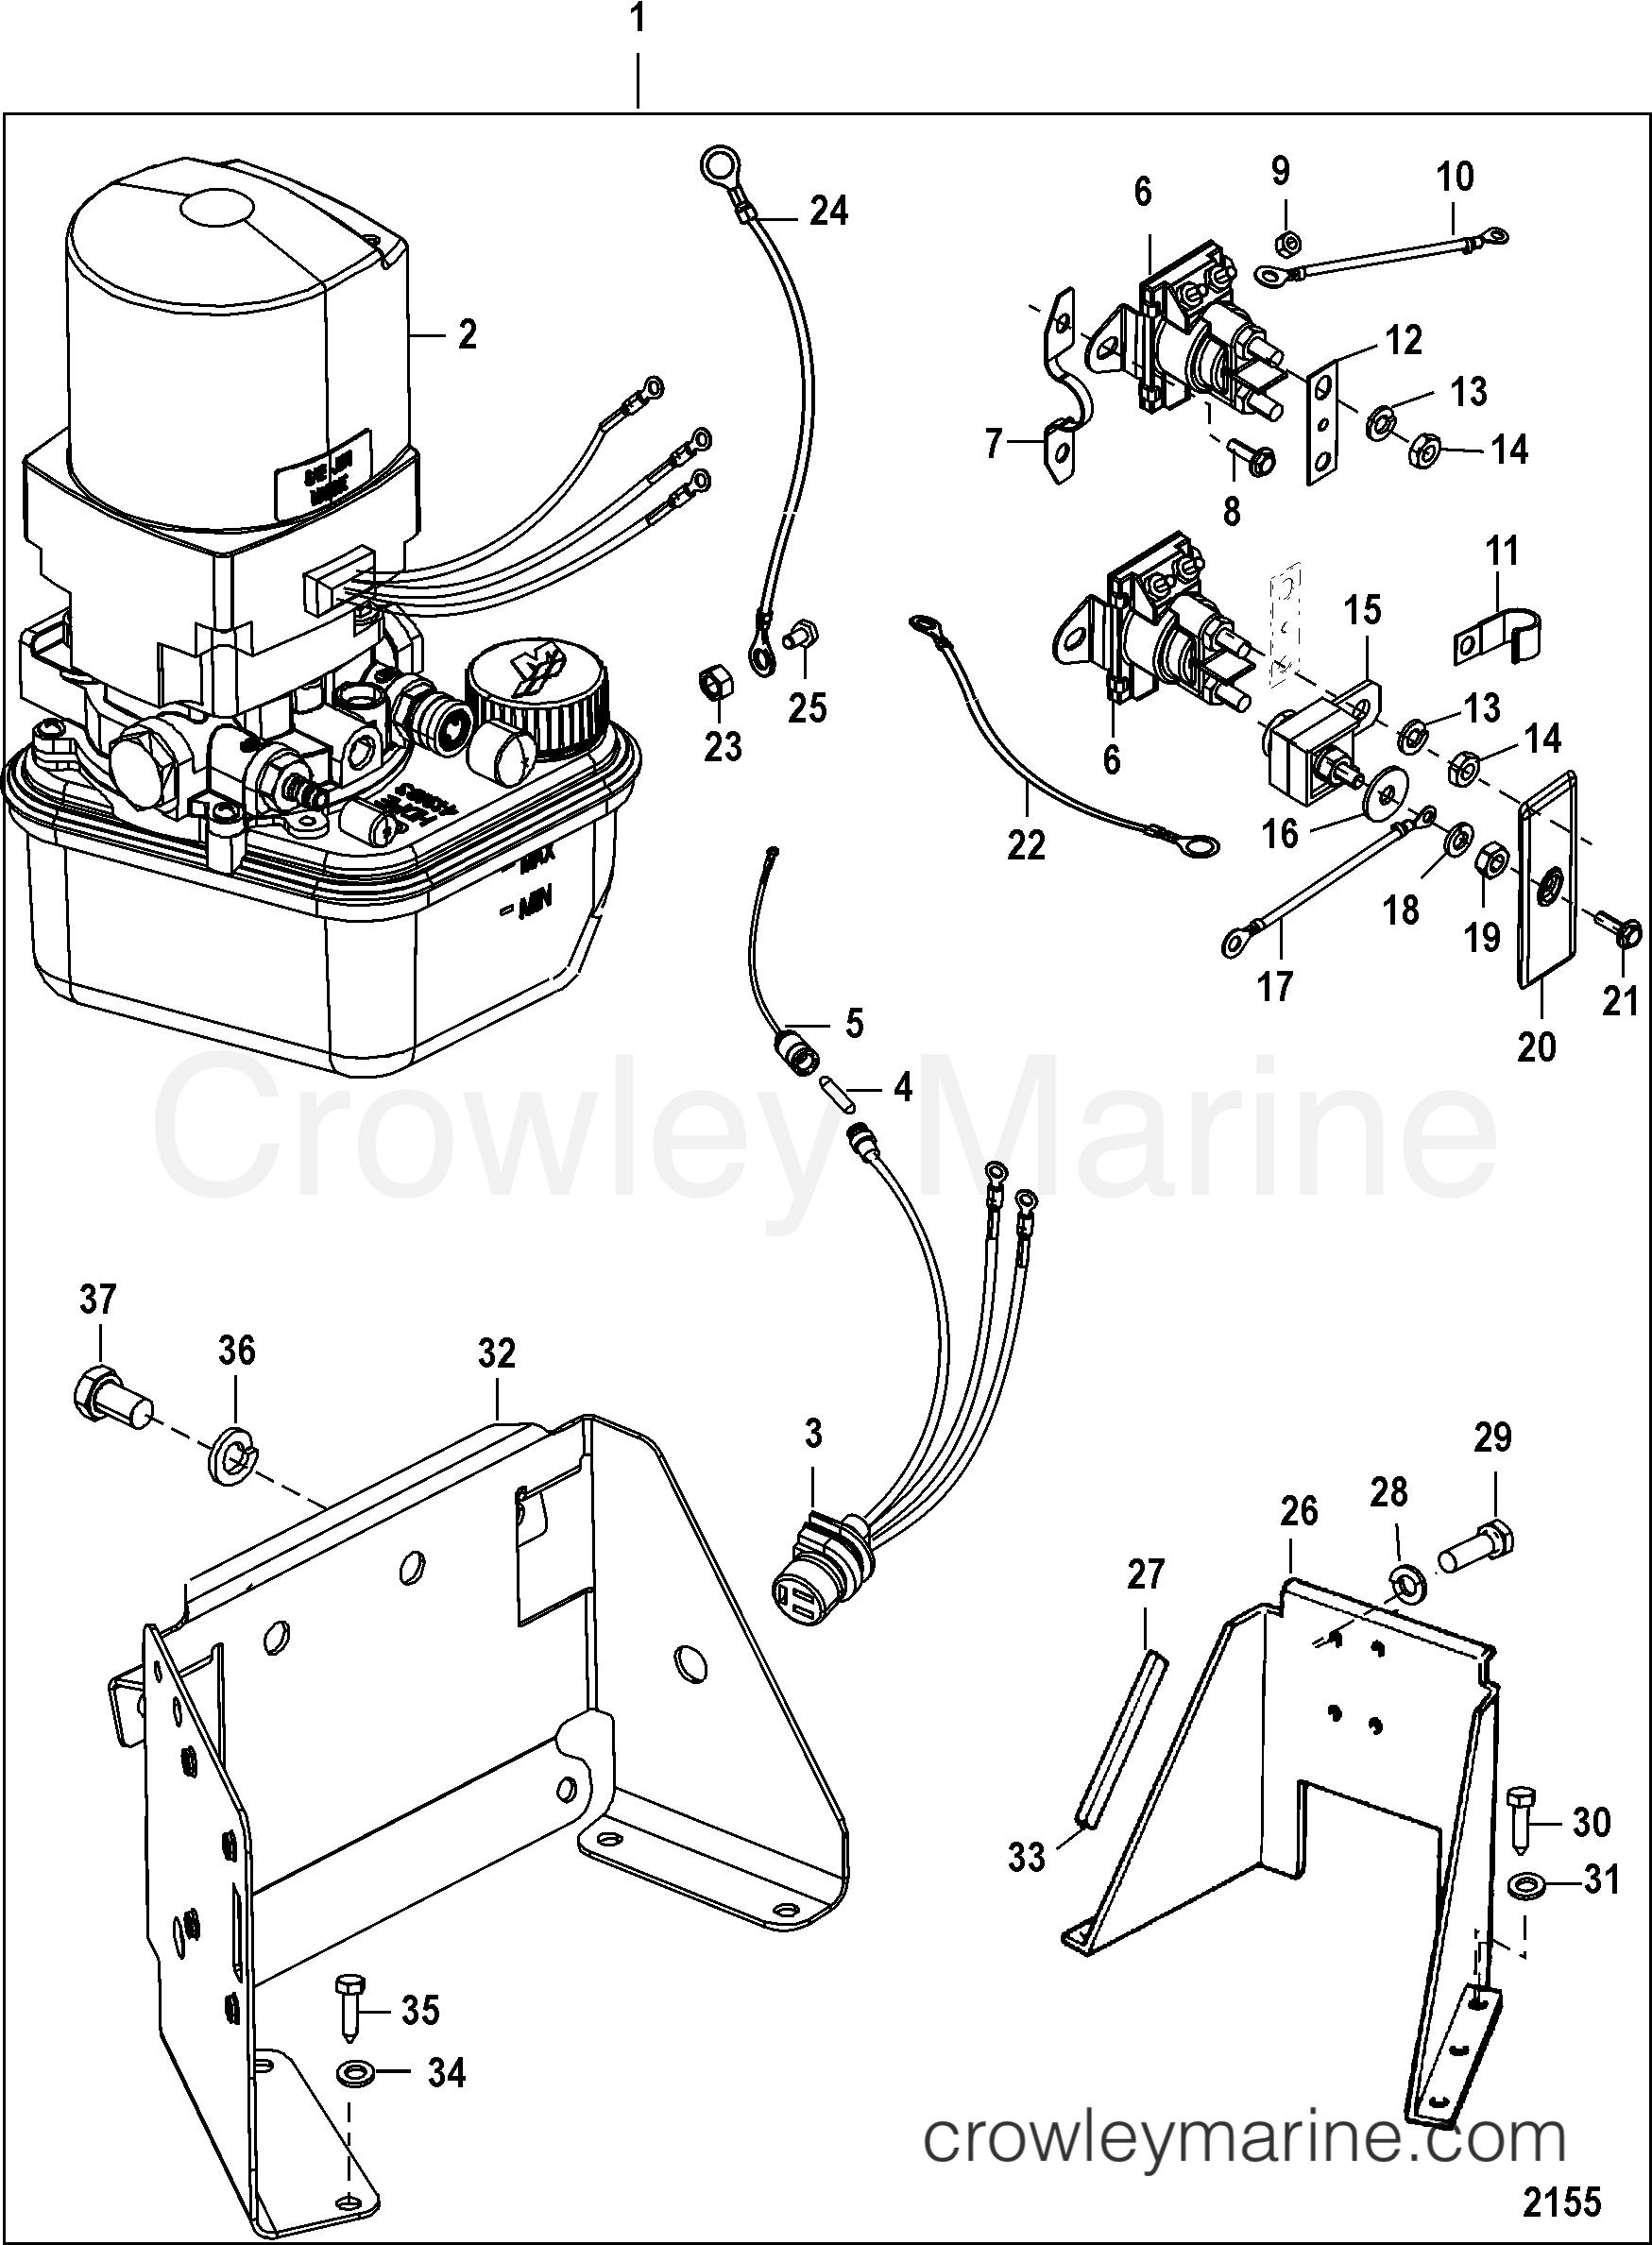 Trim Pump Assembly 14336 Series 2001 Mercruiser Race Sterndrive